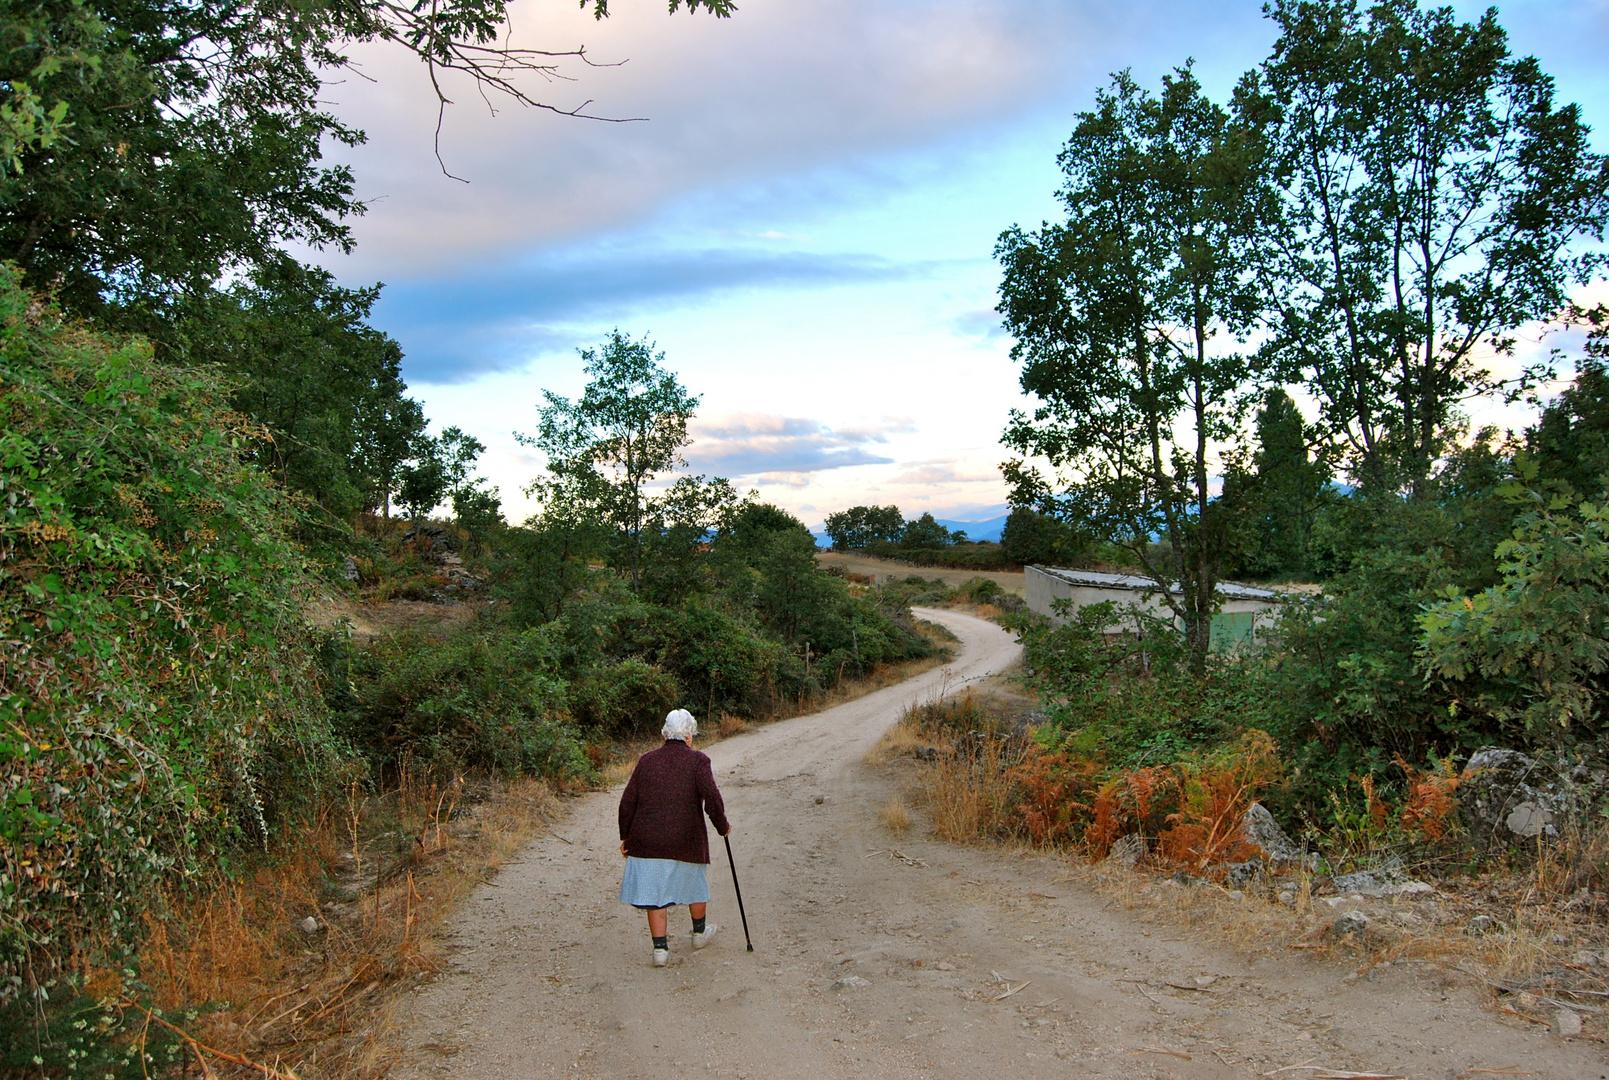 para una mujer excepcional caminante incansable y mejor acompañante  matuti 82 años